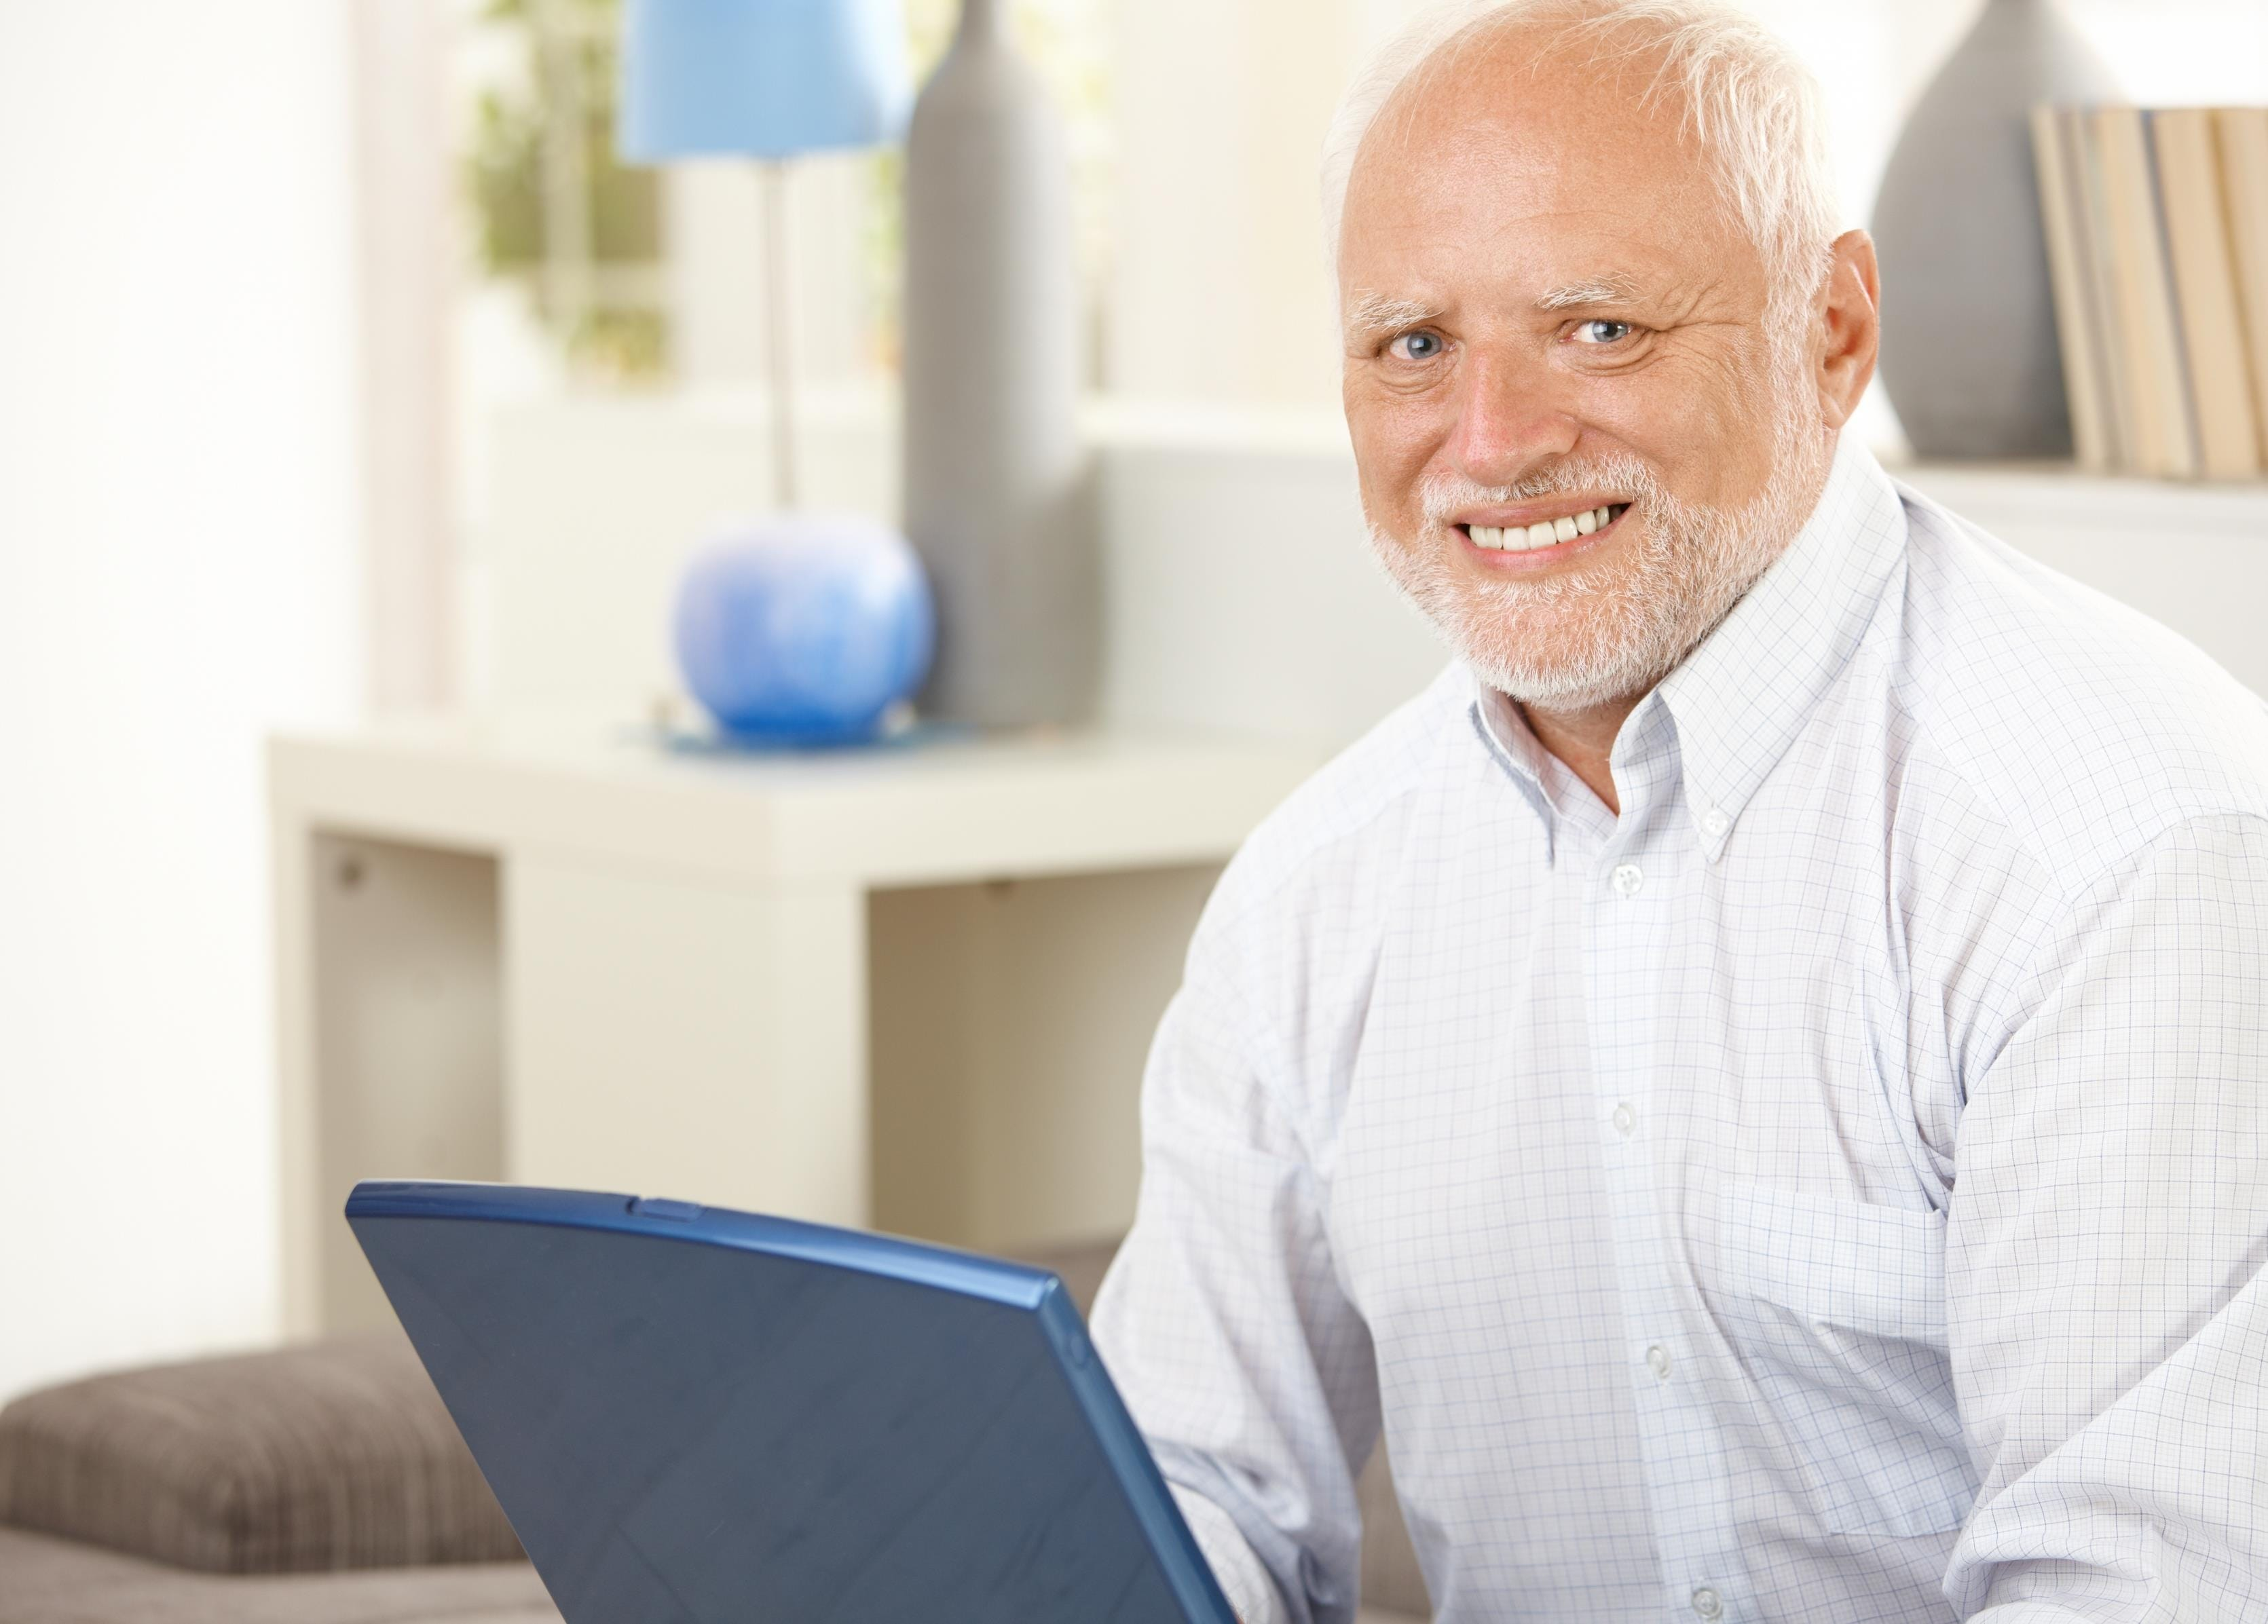 Un homme devant un ordinateur.